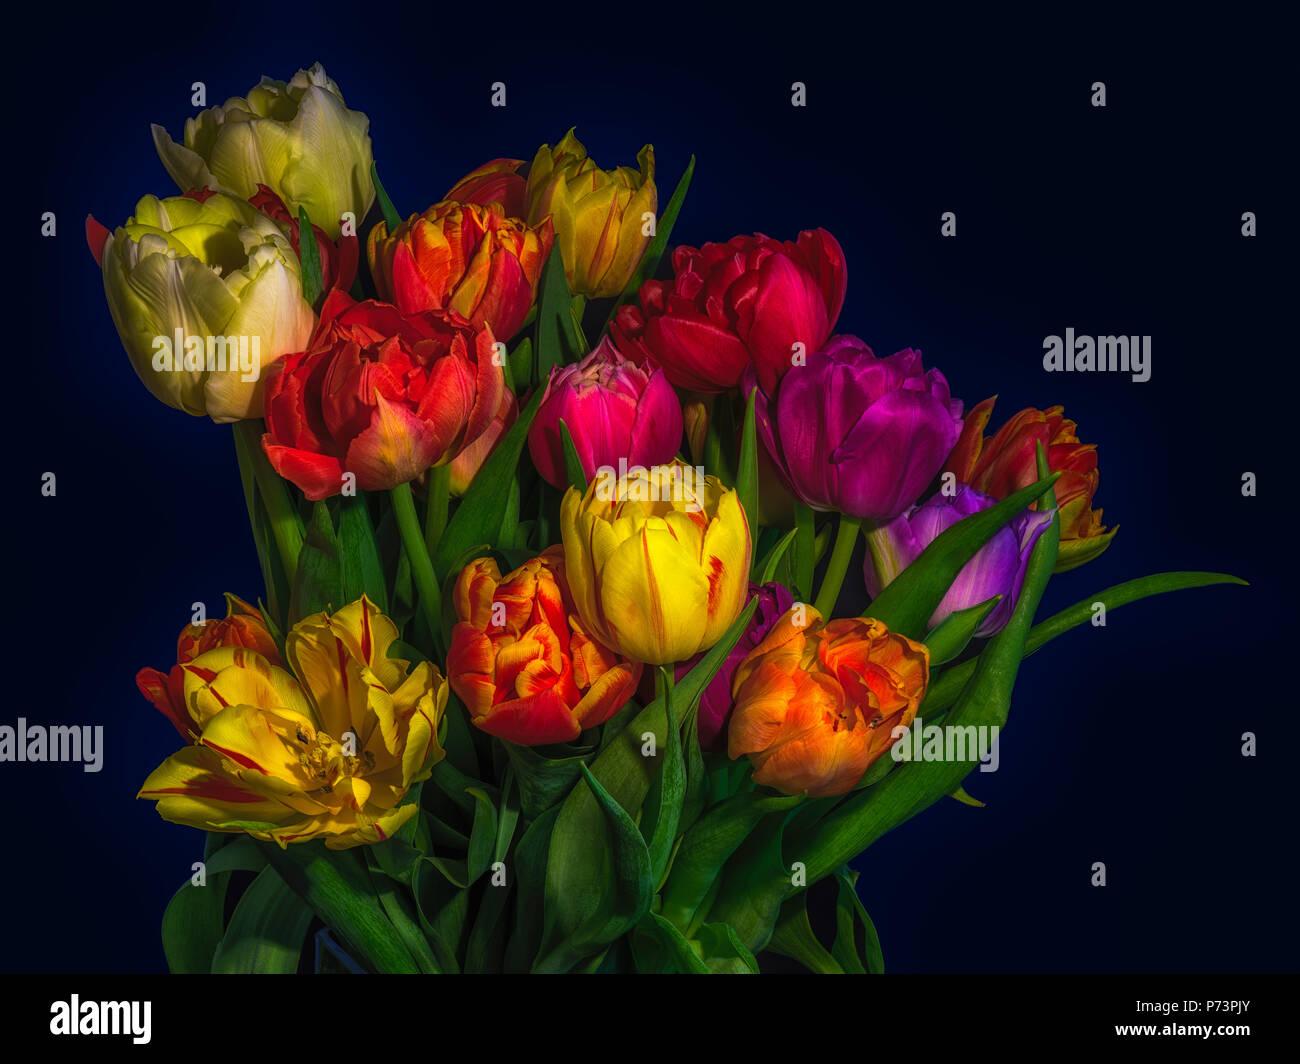 Kunst Blumen Stillleben Blume Makro Einer Blute Tulpe Blume Blumenstrauss Bundel Dunkelblauen Hintergrund In Lebendigen Leuchtende Farben Rot Rosa Violett Gelb Stockfotografie Alamy